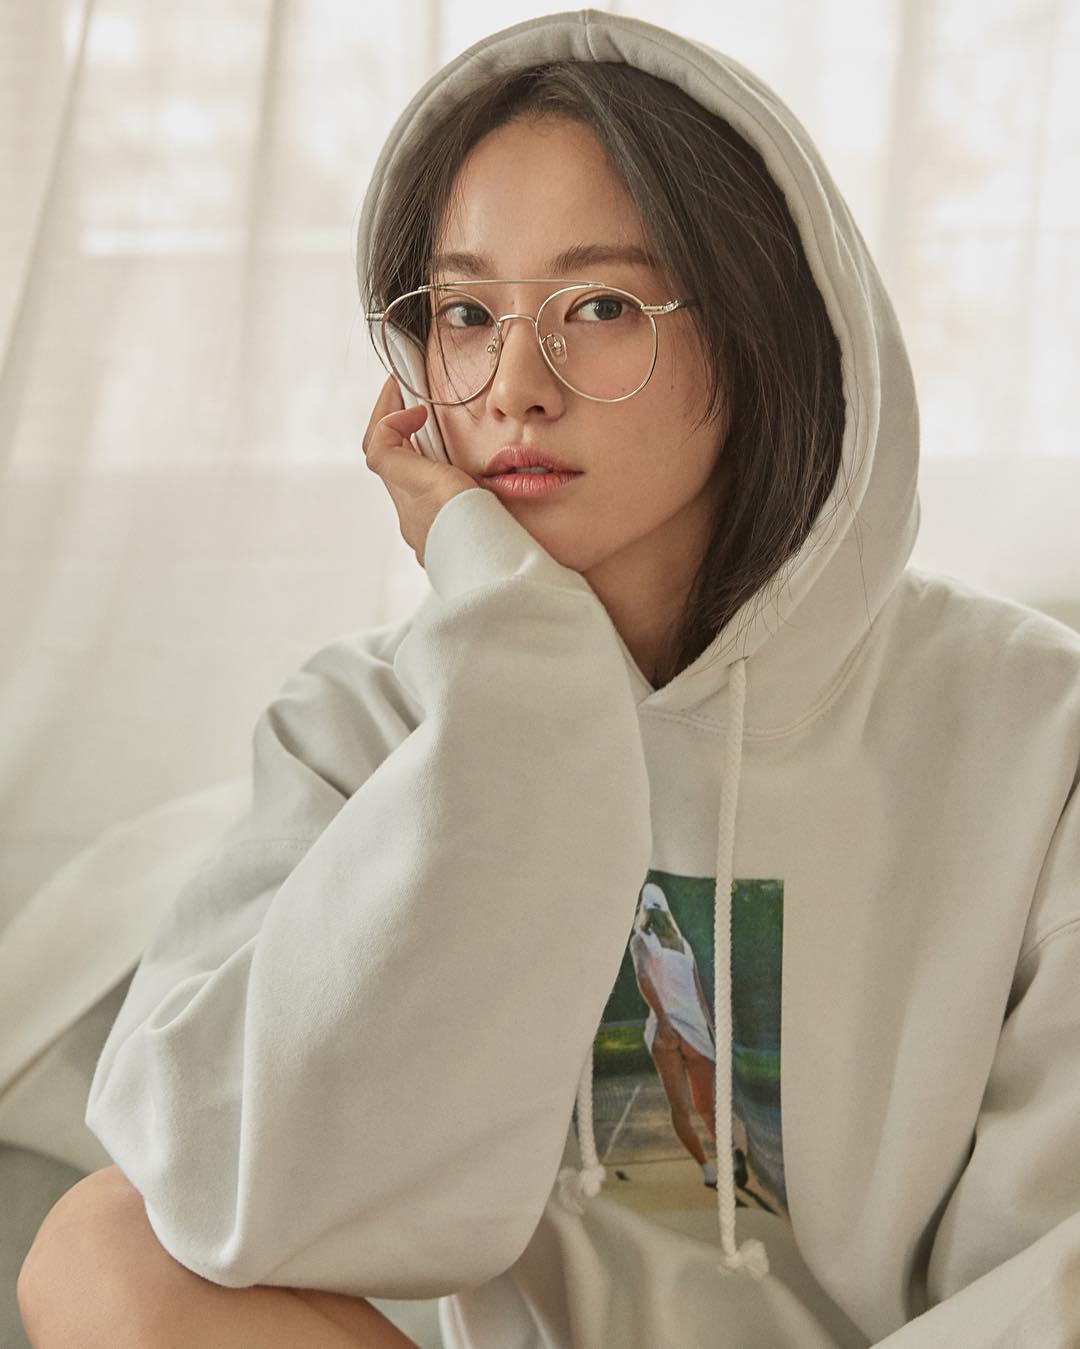 Chỉ làm tóc và trang điểm đơn giản, Lee Joo Yeon vẫn đủ xinh để khiến G-Dragon mê đắm - Ảnh 2.